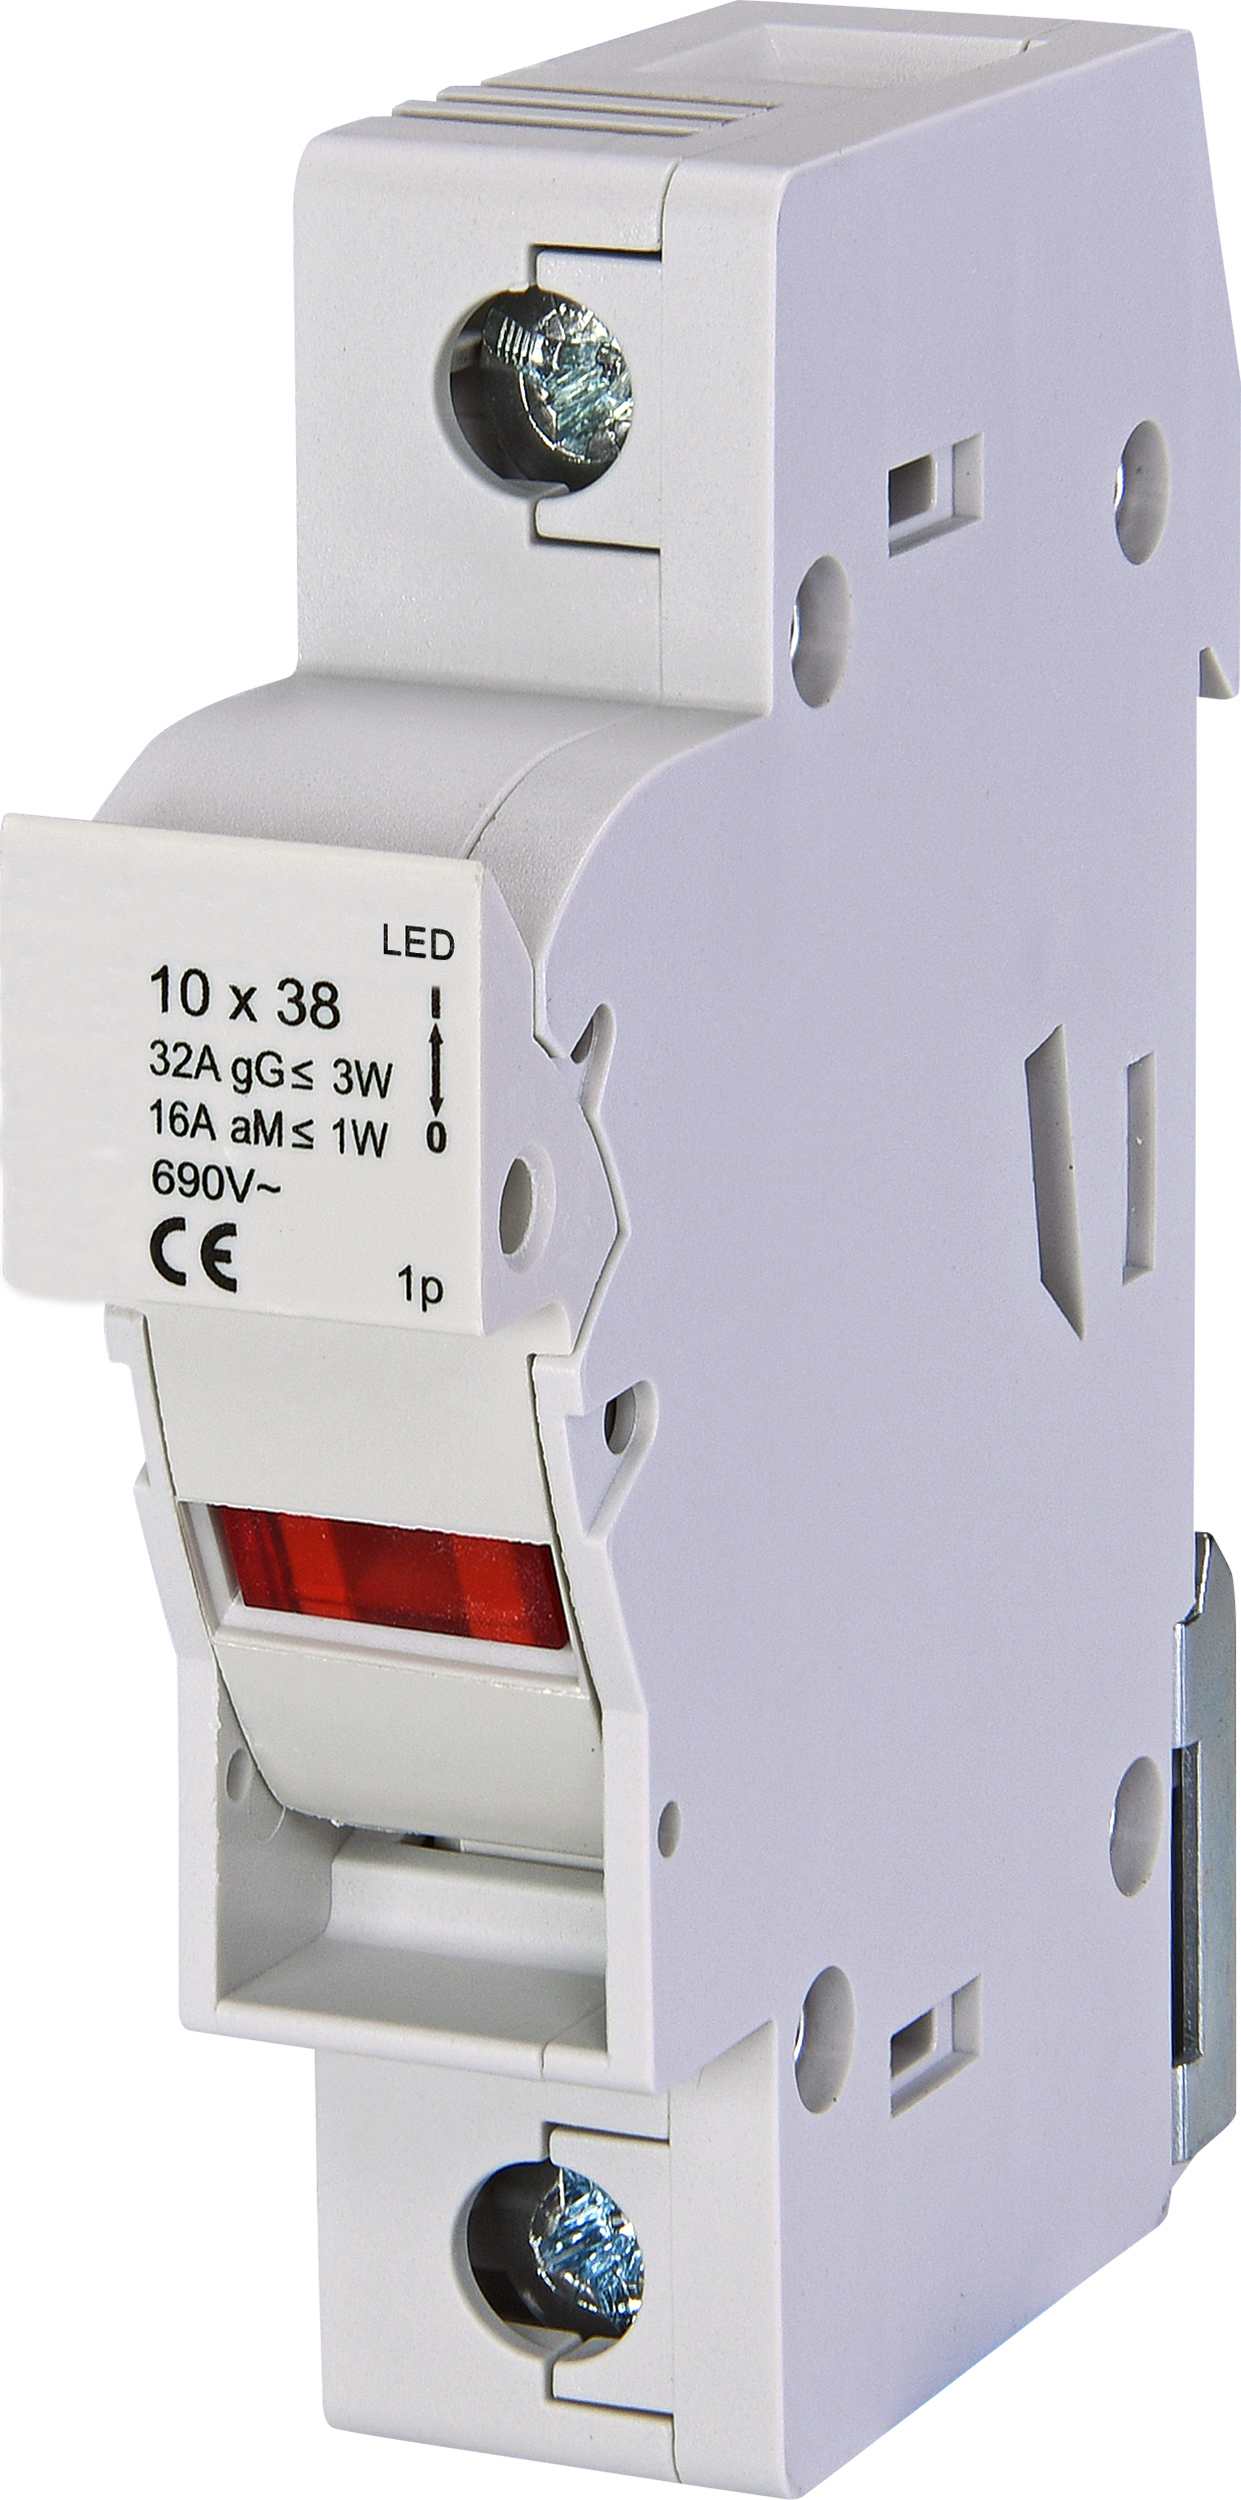 1 Stk Sicherungstrennschalter 10x38mm, 1-polig, 32A mit LED IS506106--